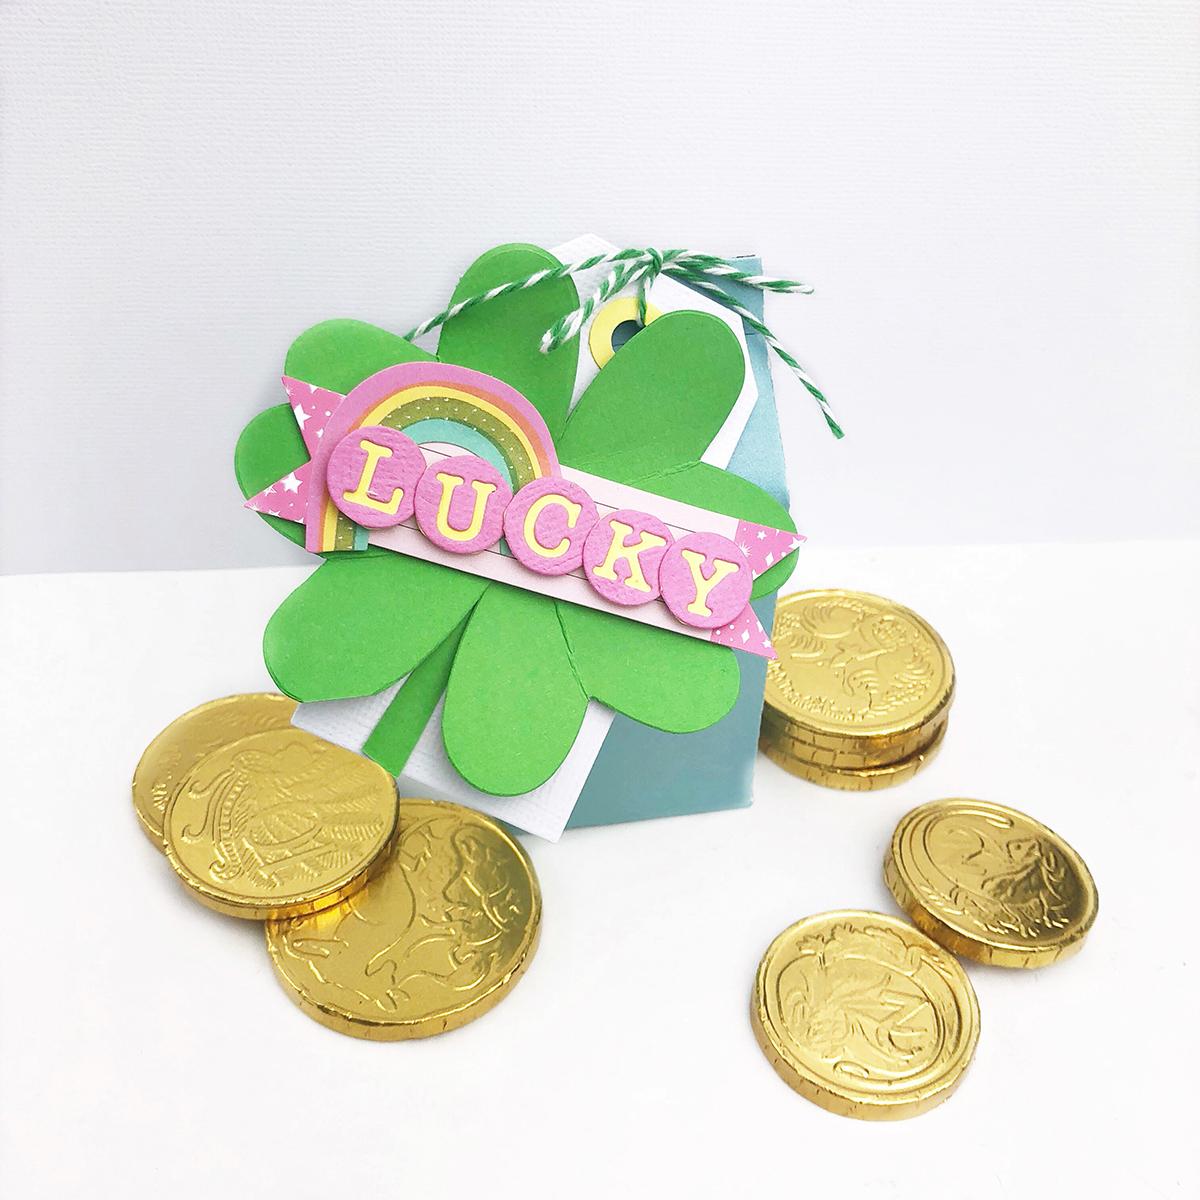 St Patrick's Day Treat Box